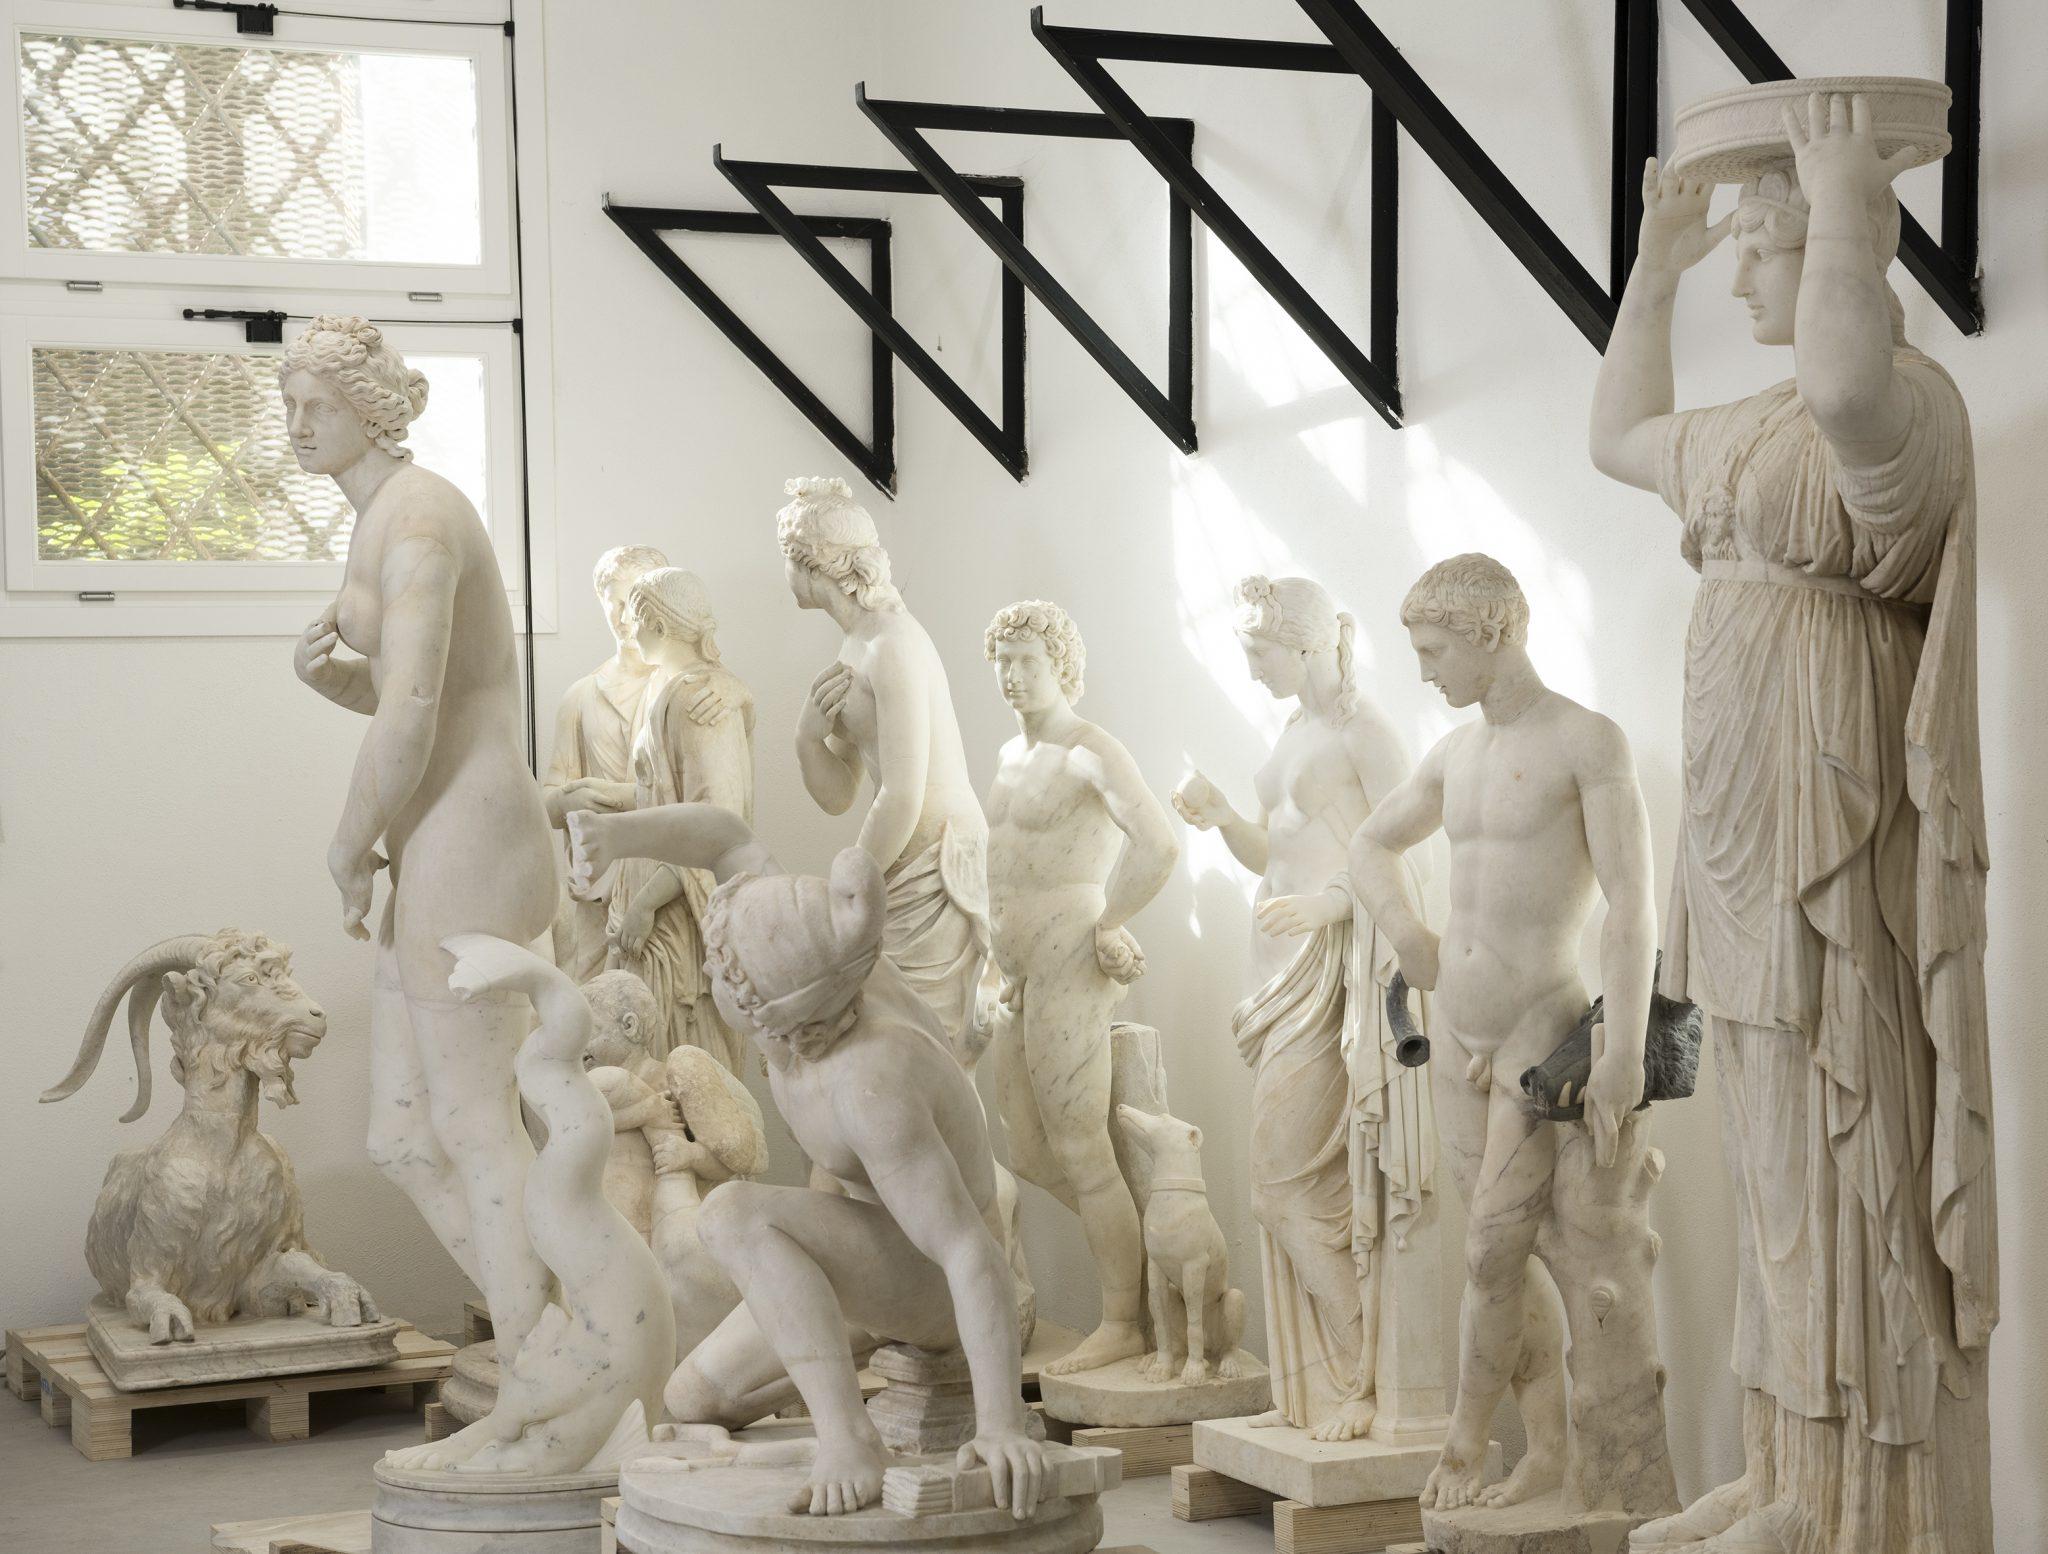 Collezione Torlonia, via della Lungara: gruppo di sculture restaurate: in primo piano Cariatide (Inv. 485), sullo sfondo statua di caprone in riposo (n. inv. 441)